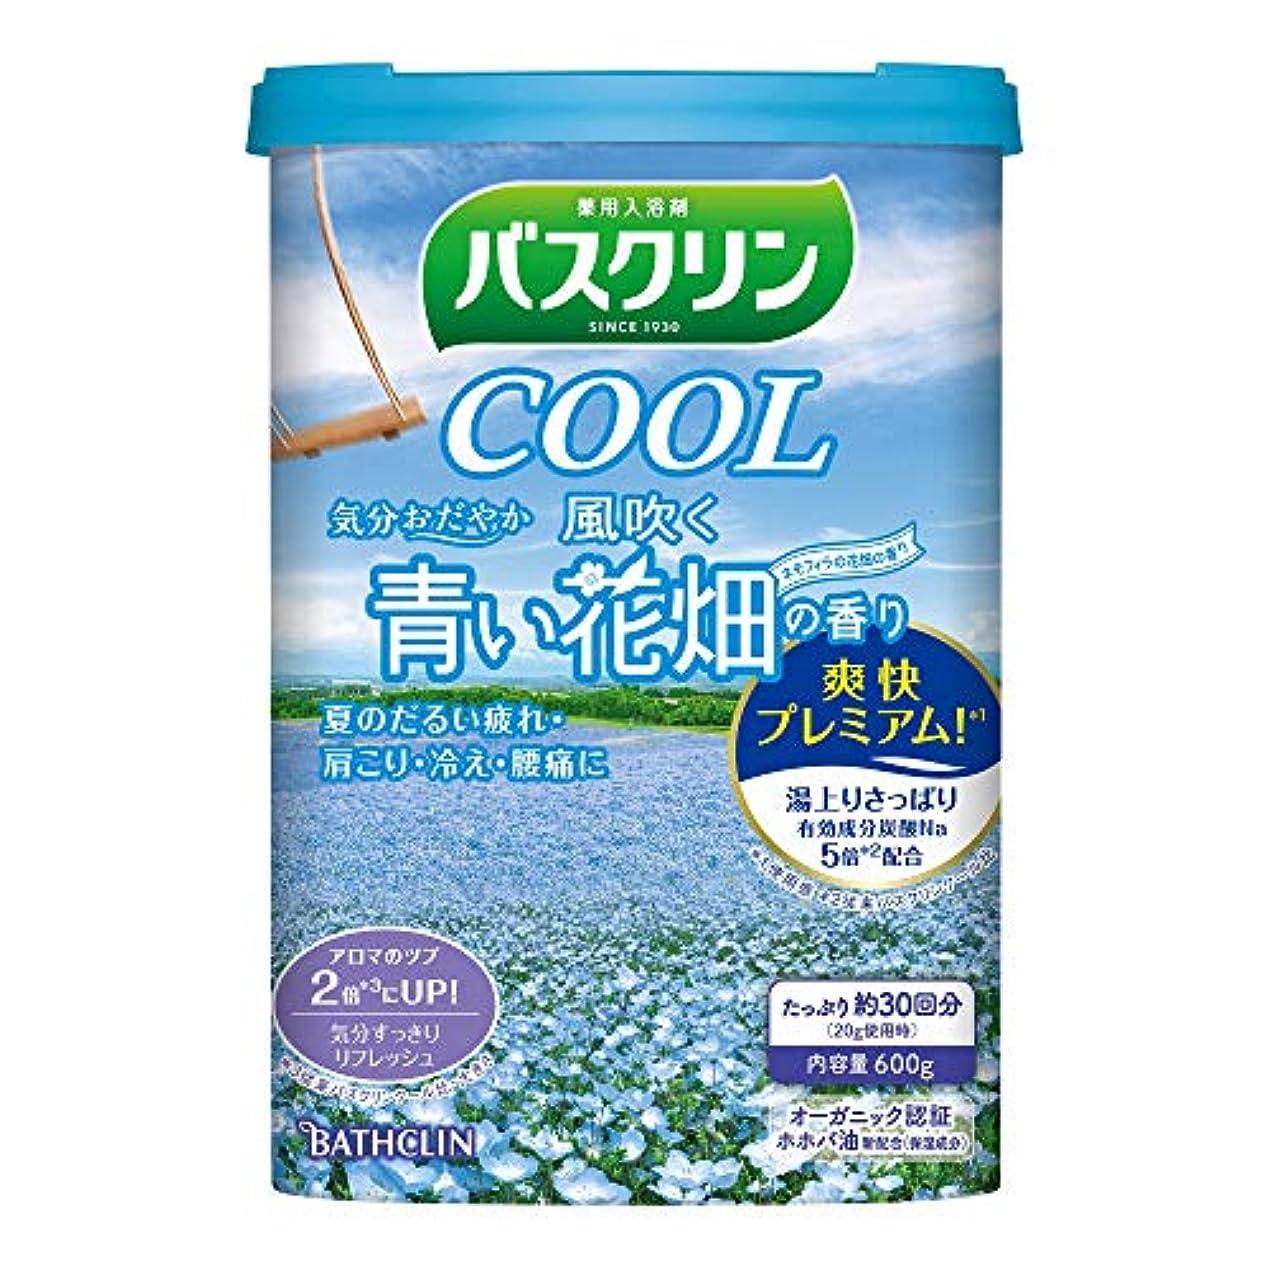 コック変換簡略化する【医薬部外品】バスクリンクール入浴剤 風吹く青い花畑の香り600g クール入浴剤 すっきりさわやか